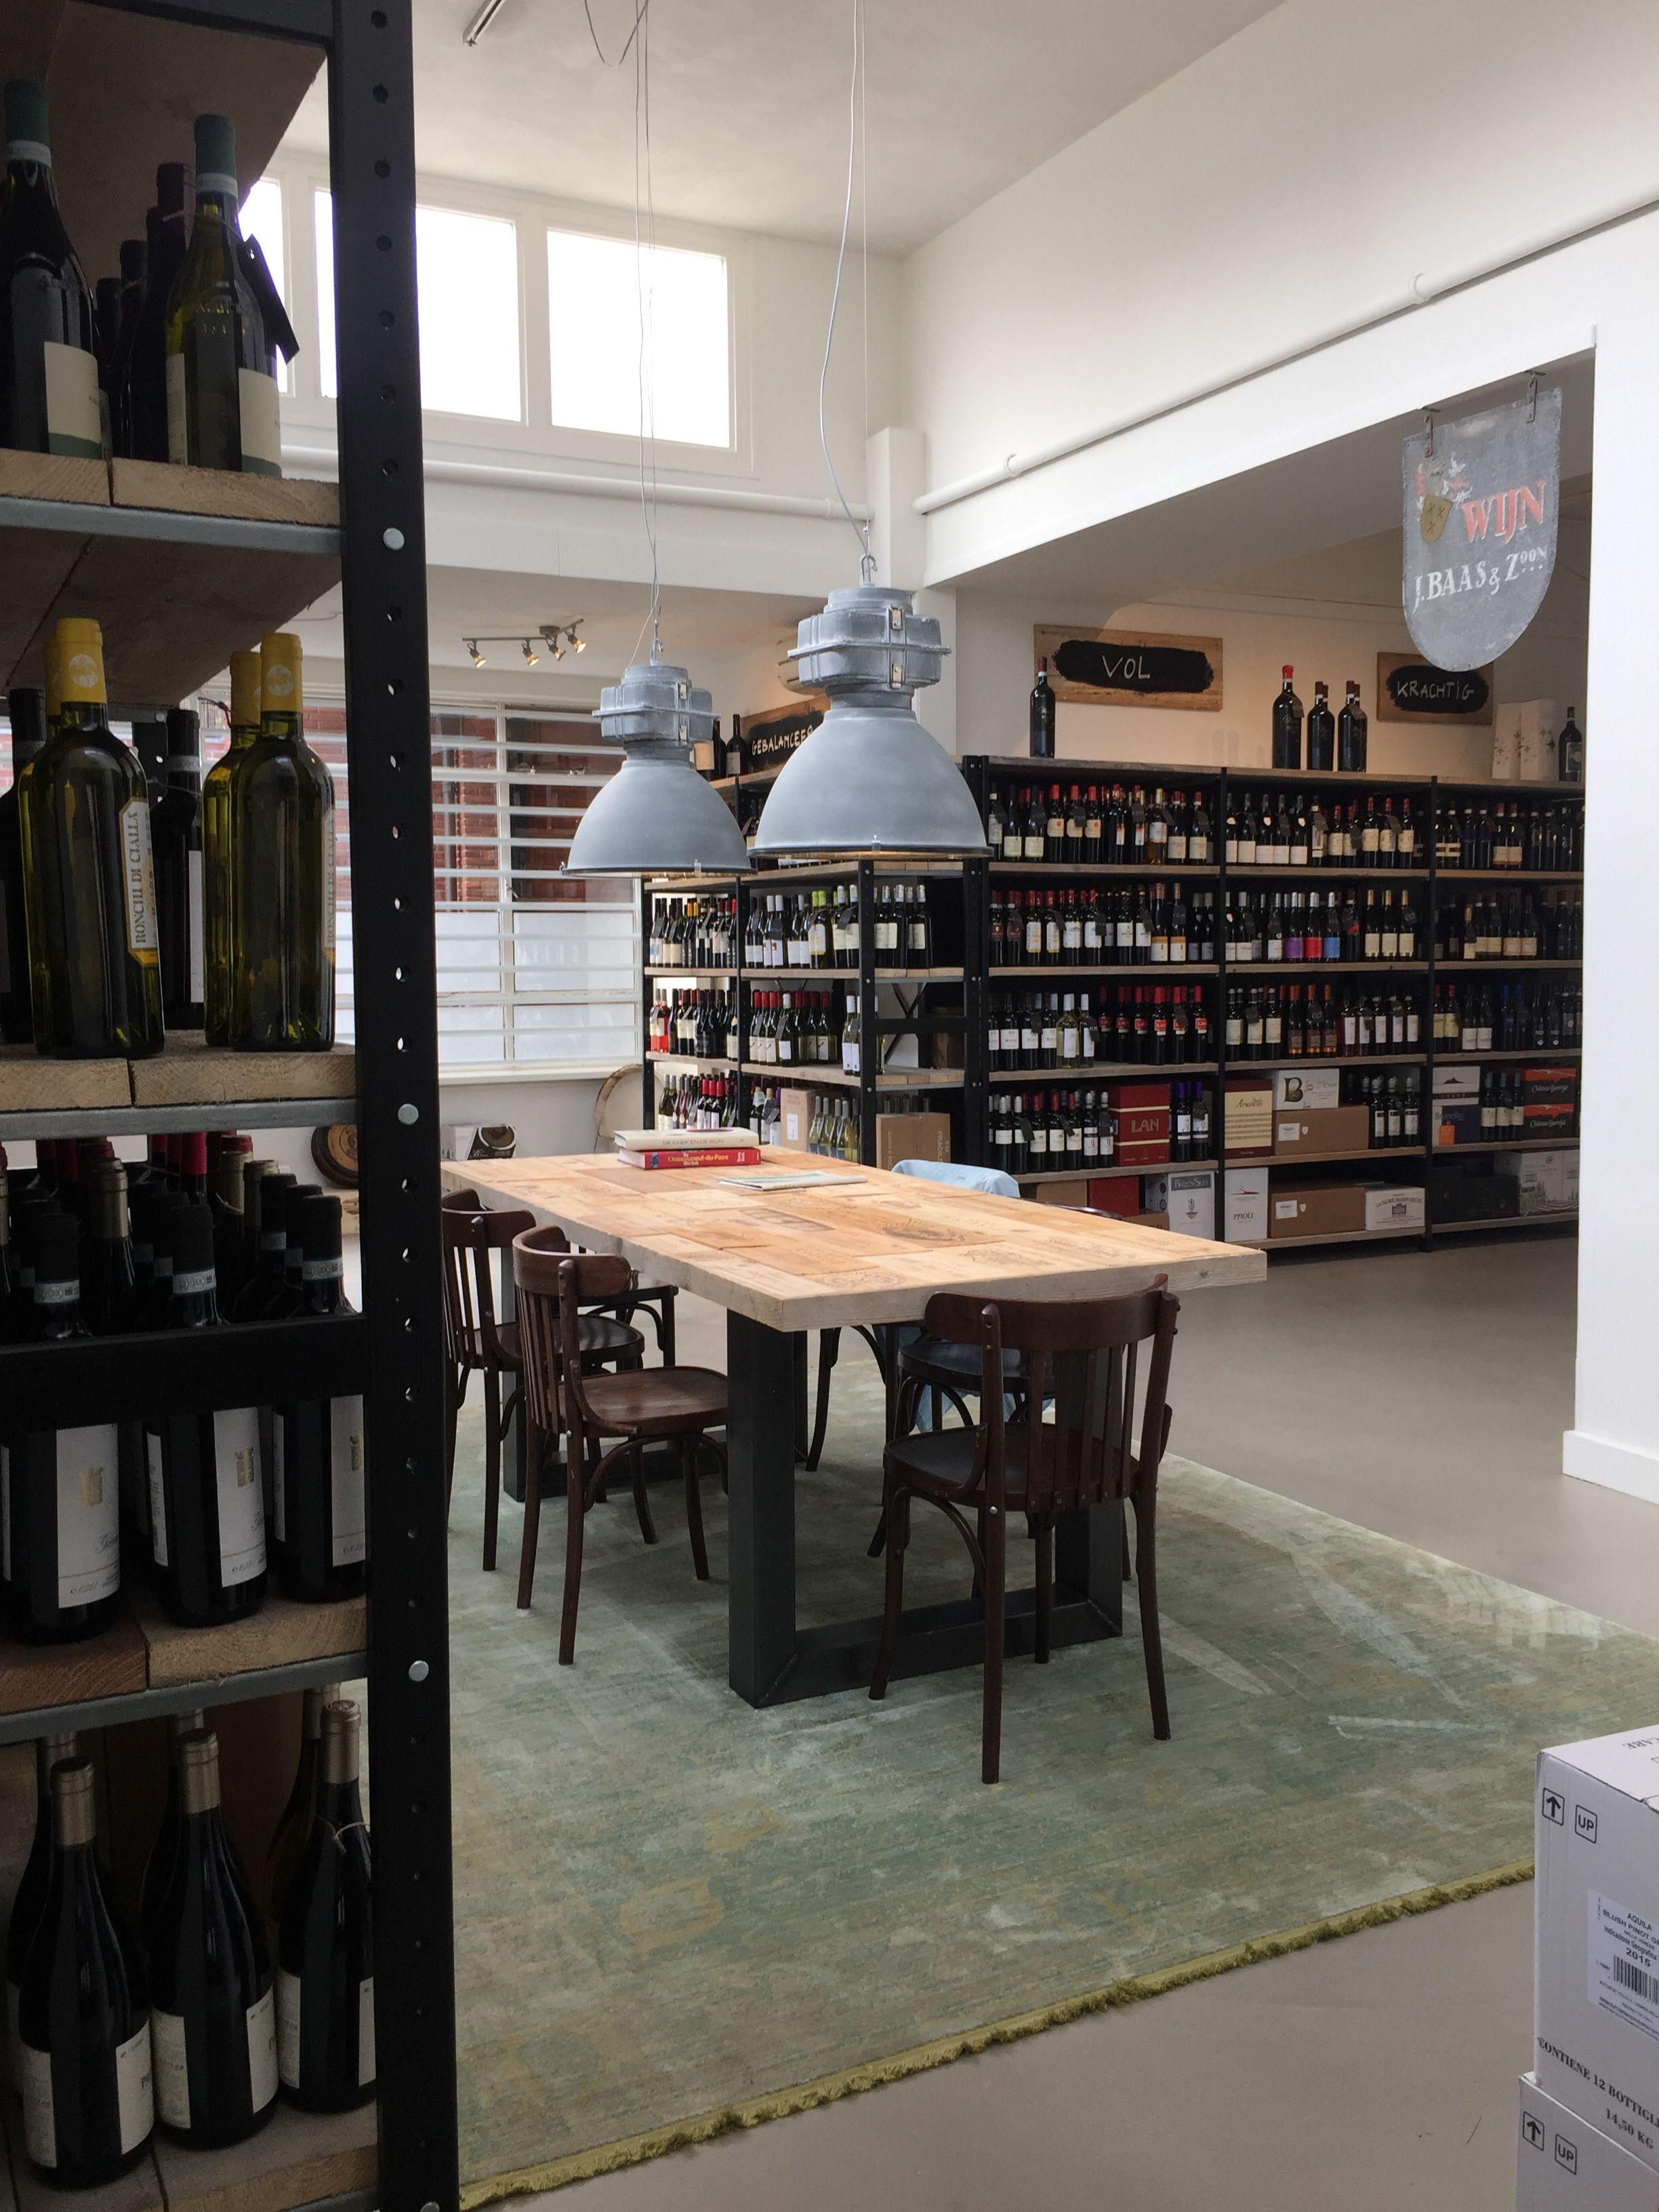 Wijnhuis Zuid, Julianalaan 4, Bilthoven